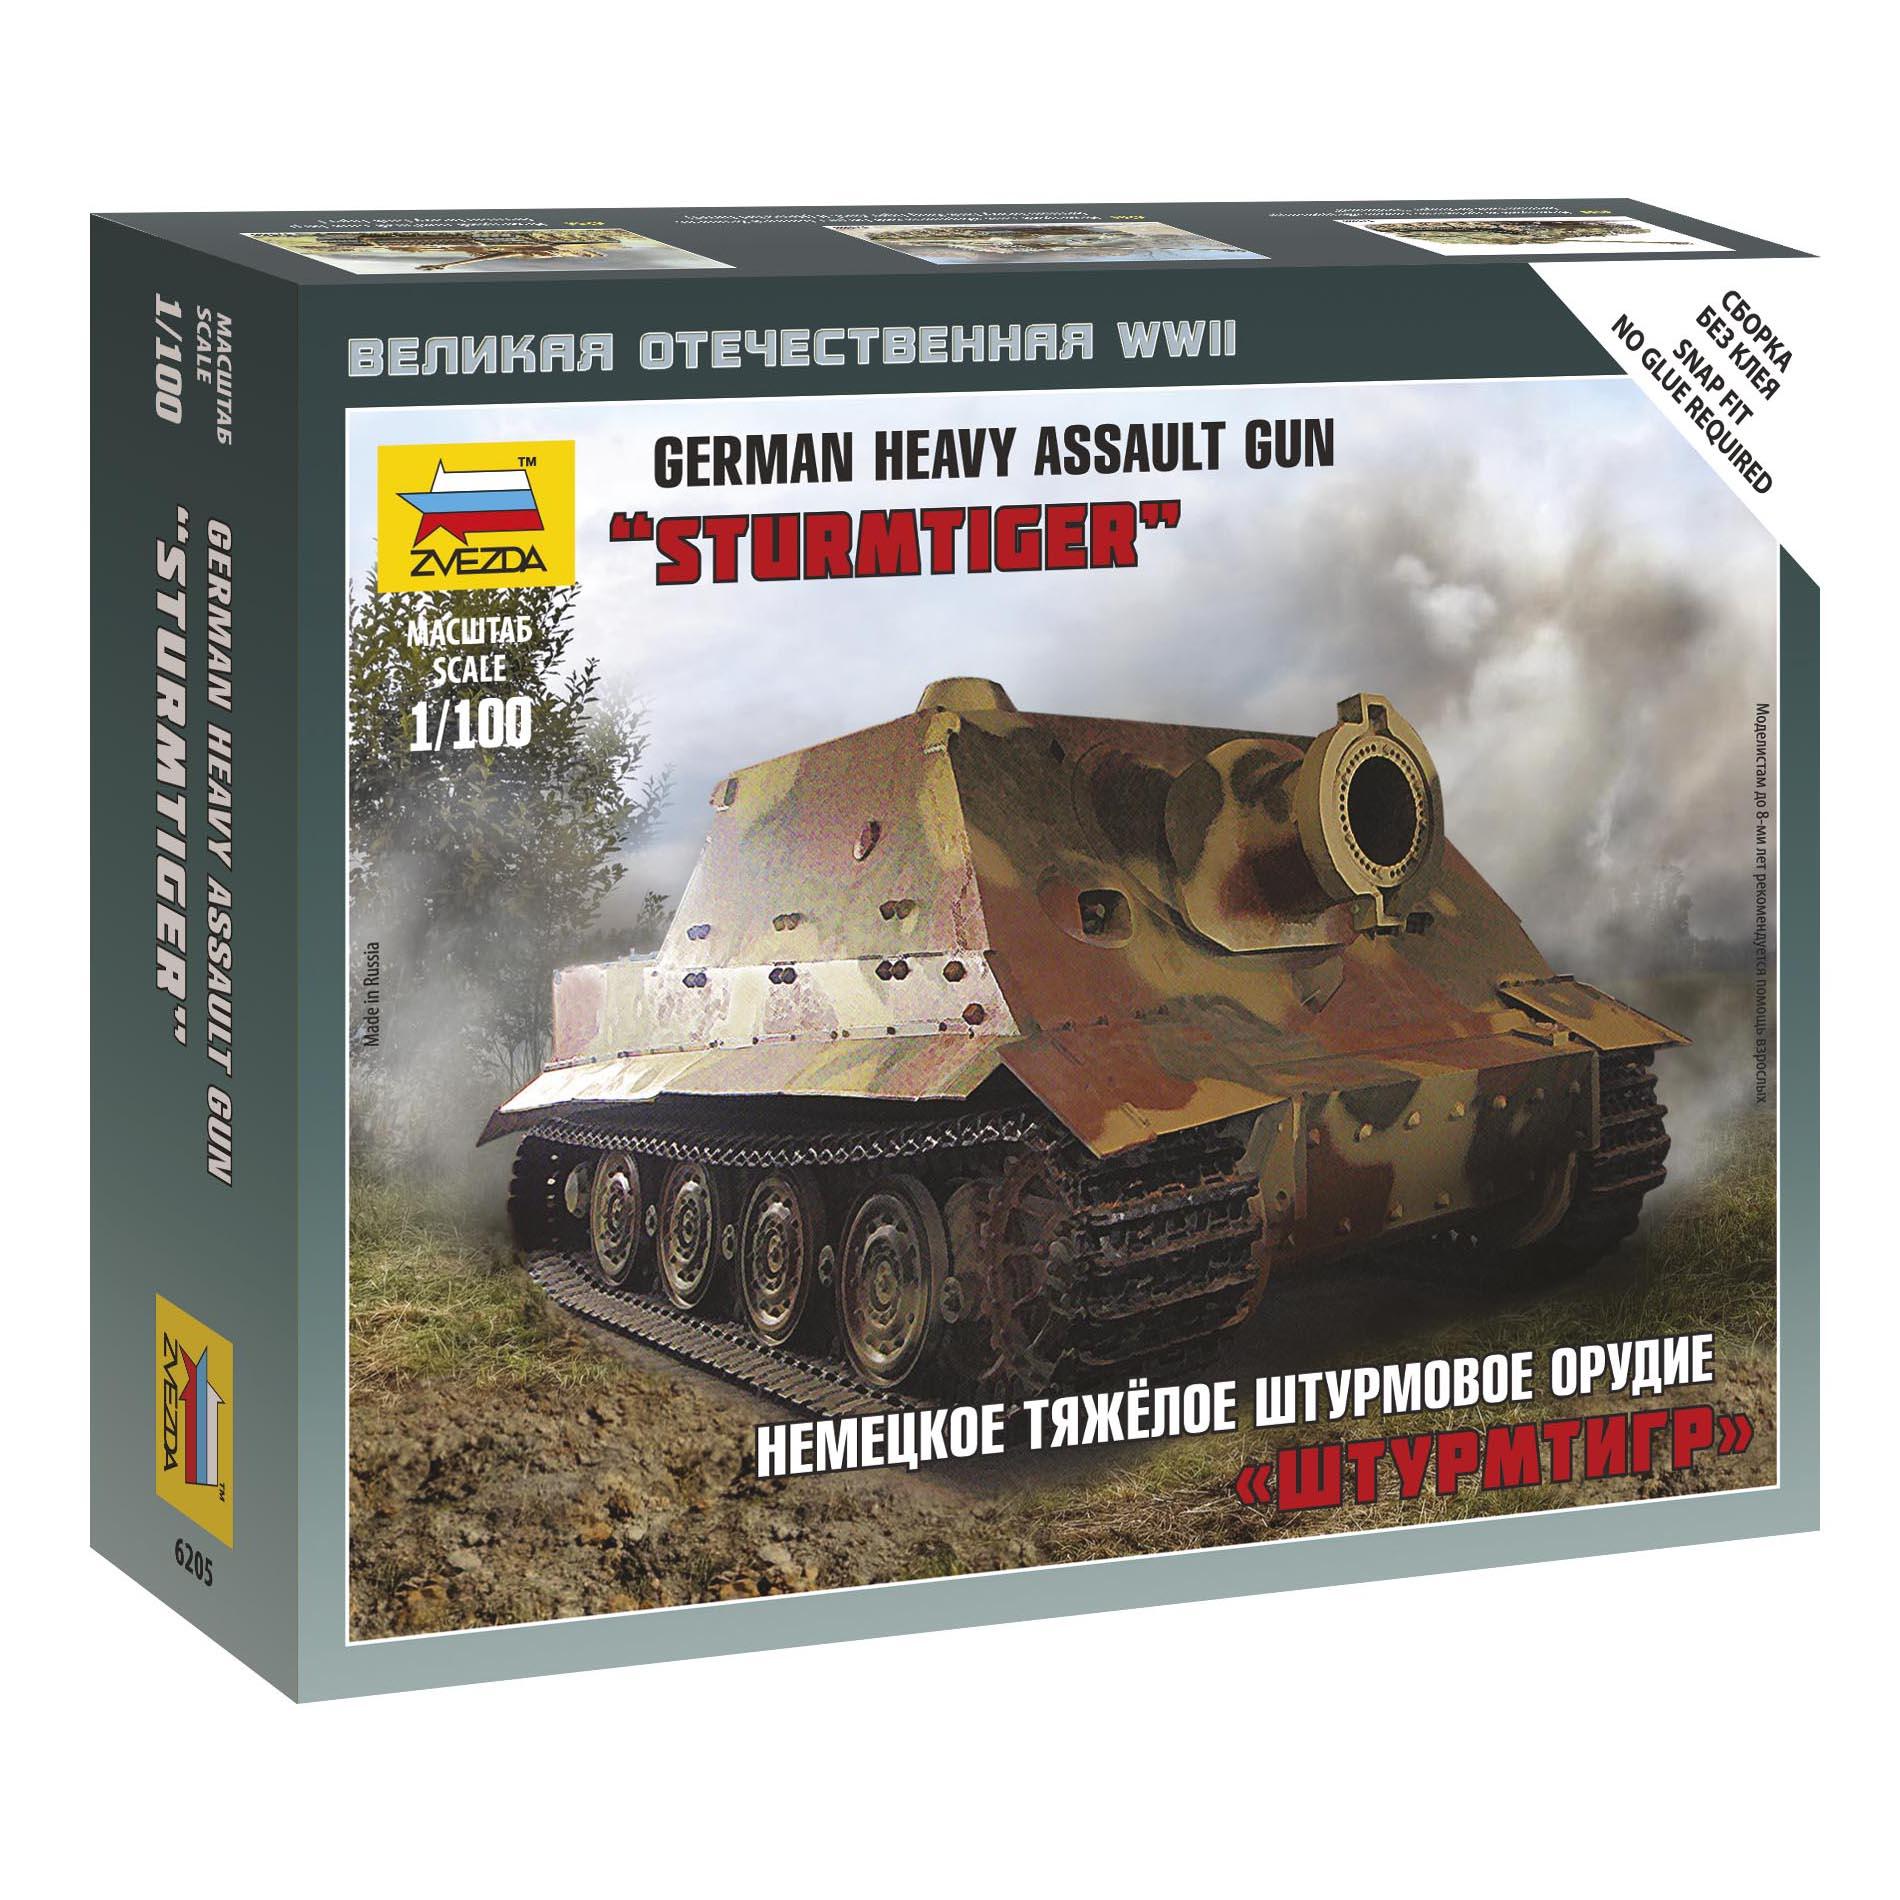 Сборная модель Немецкое штурмовое орудие – ШтурмтигрМодели танков для склеивания<br>Сборная модель Немецкое штурмовое орудие – Штурмтигр<br>